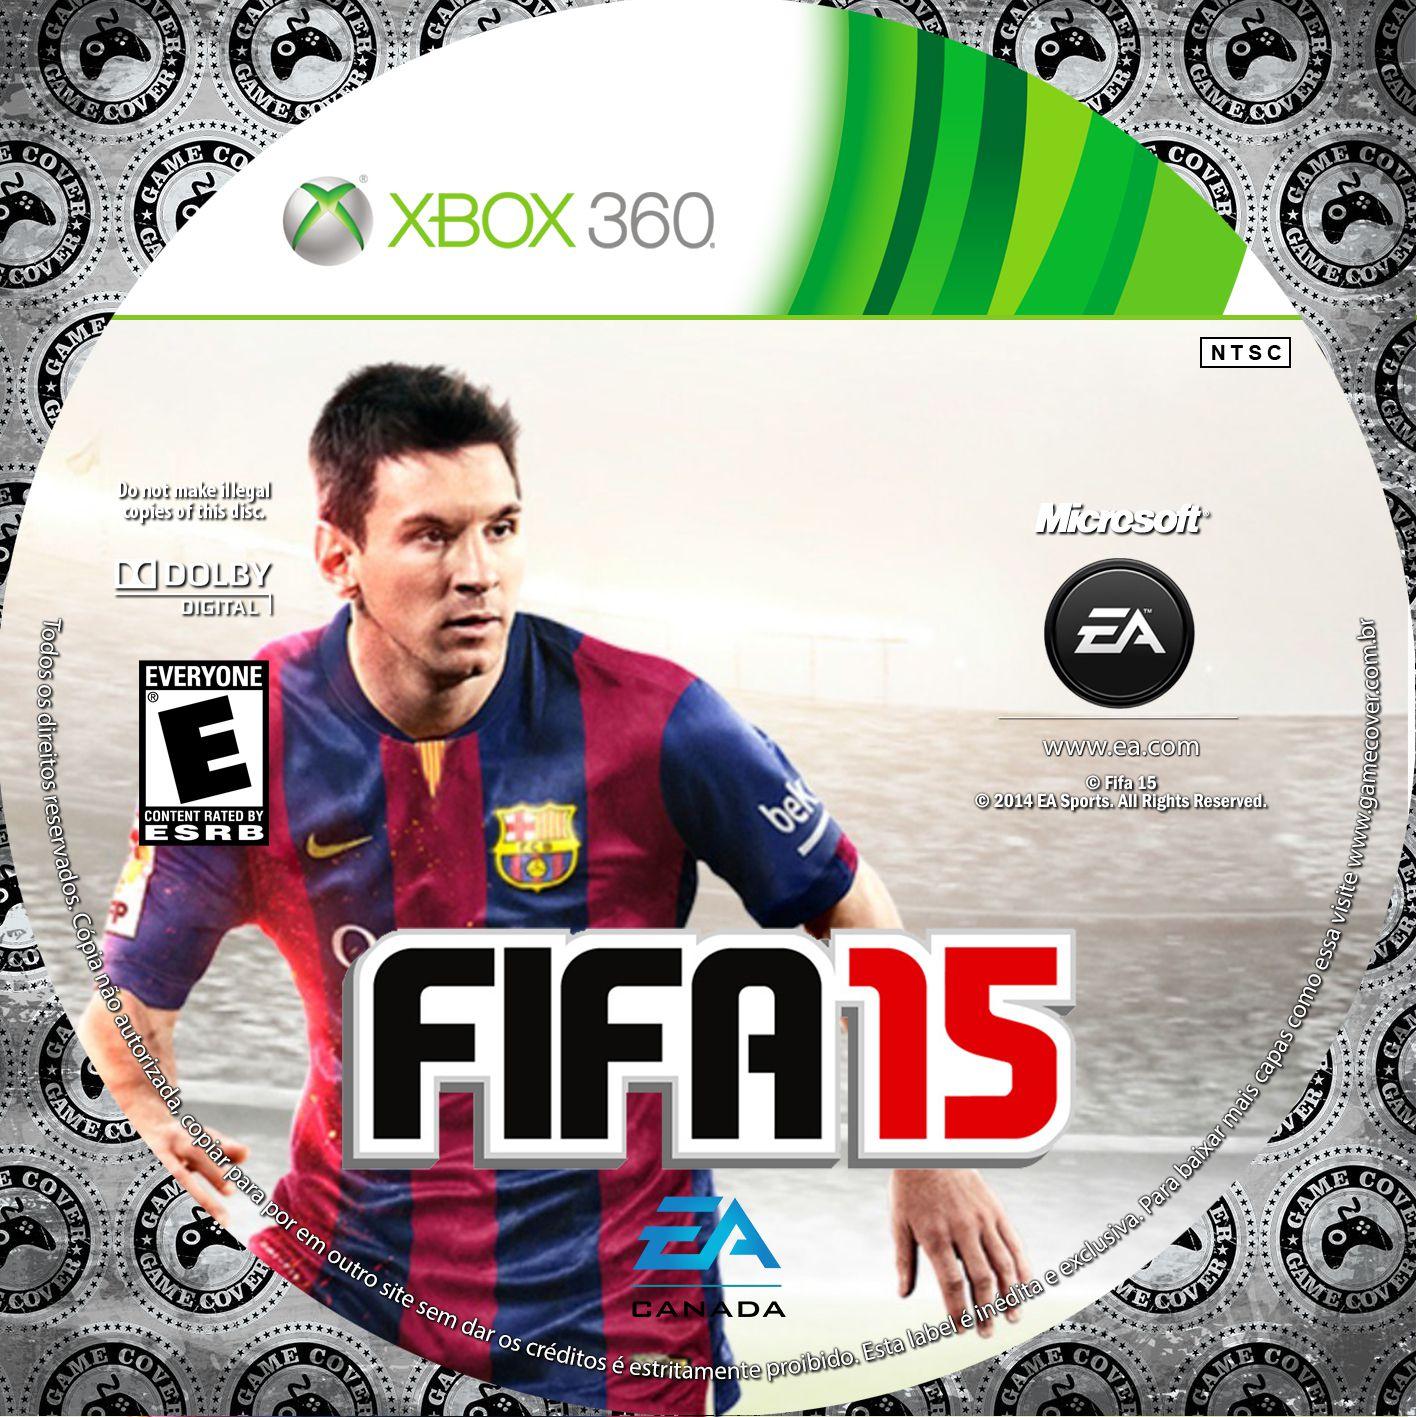 Label Fifa 15 Xbox 360 [Exclusiva]